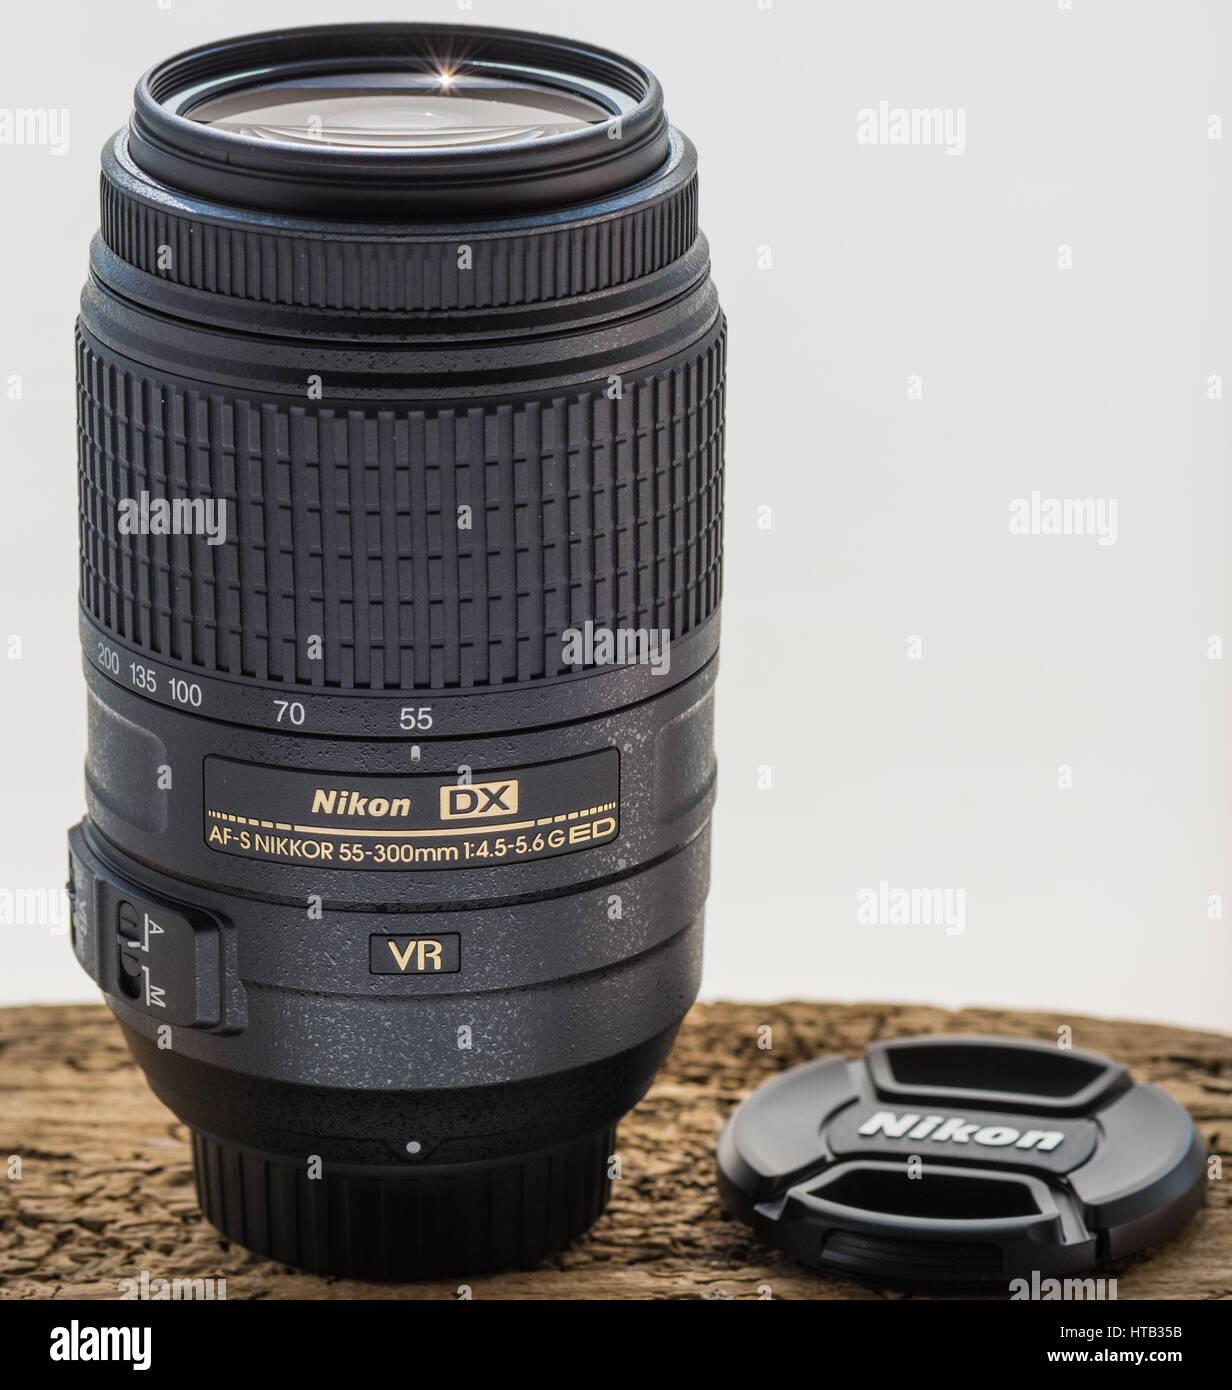 Nikon AF-S 55-300mm DX lens. - Stock Image